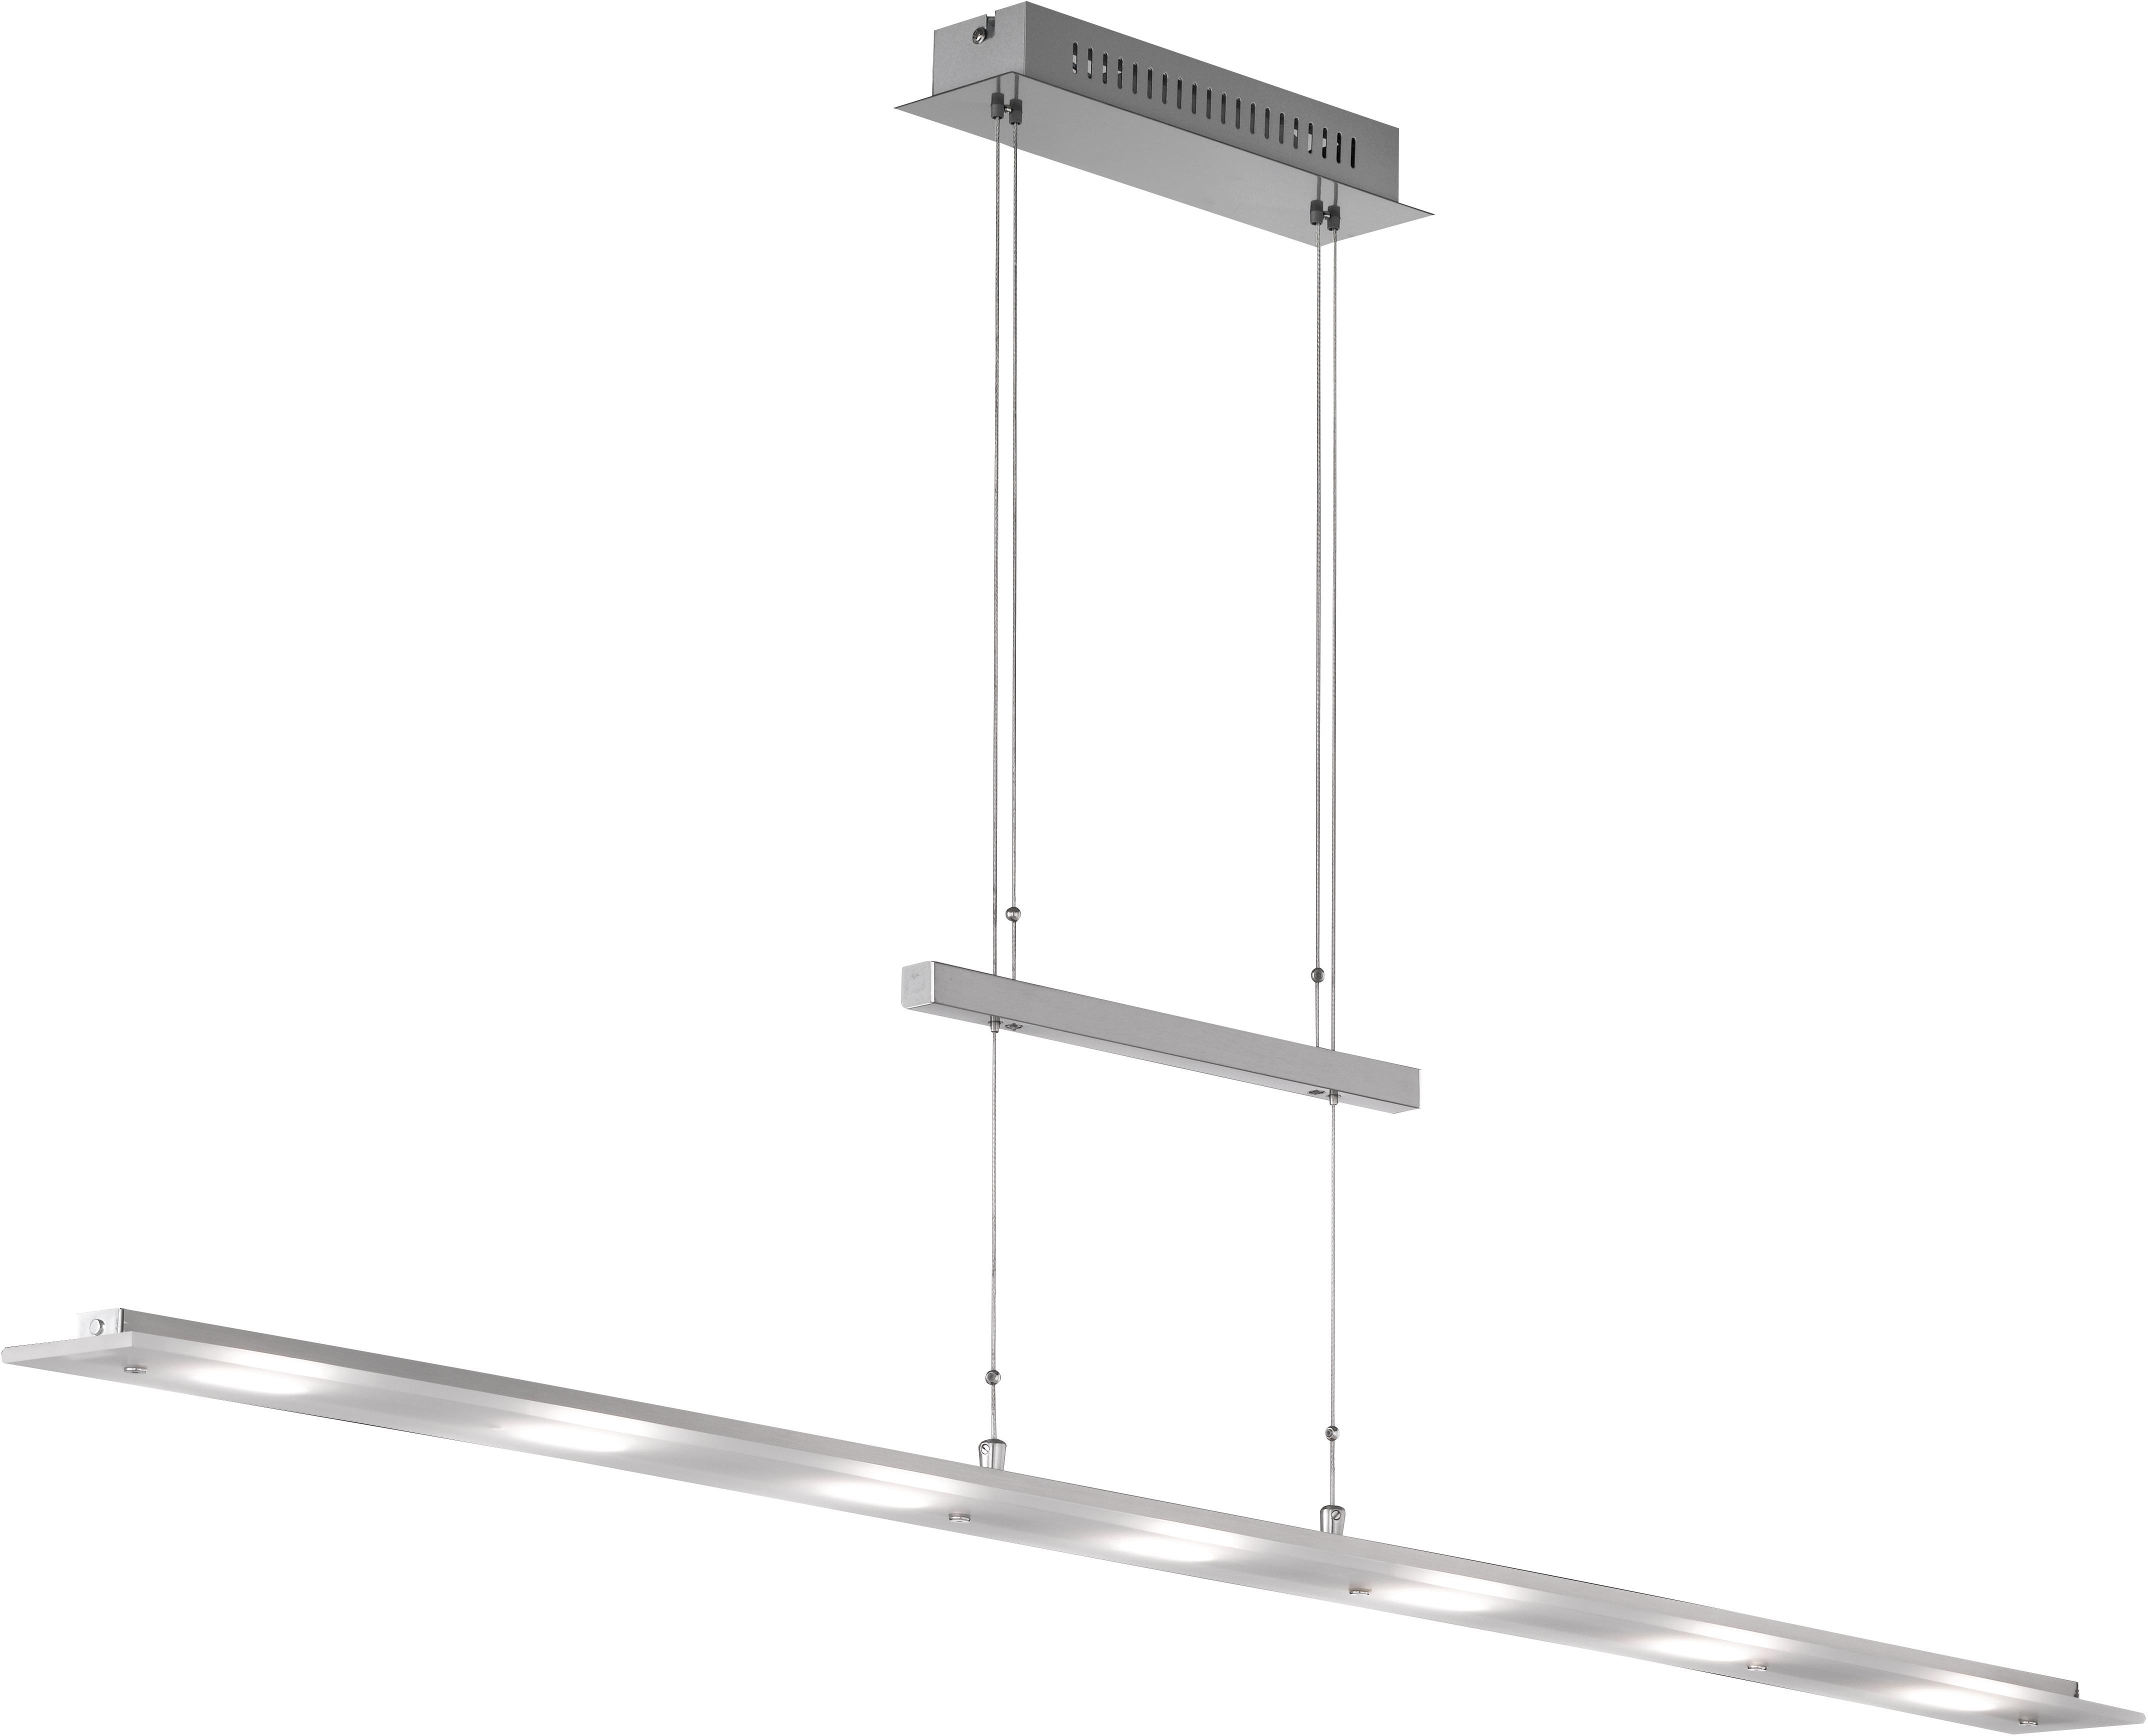 FISCHER & HONSEL LED Pendelleuchte Largo, LED-Modul, Warmweiß-Neutralweiß